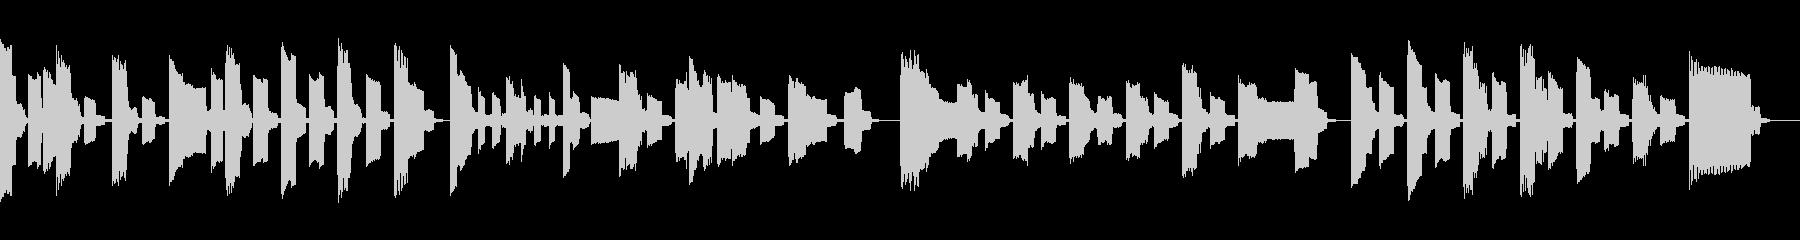 ファミコンサウンドでサウンドでほのぼのの未再生の波形